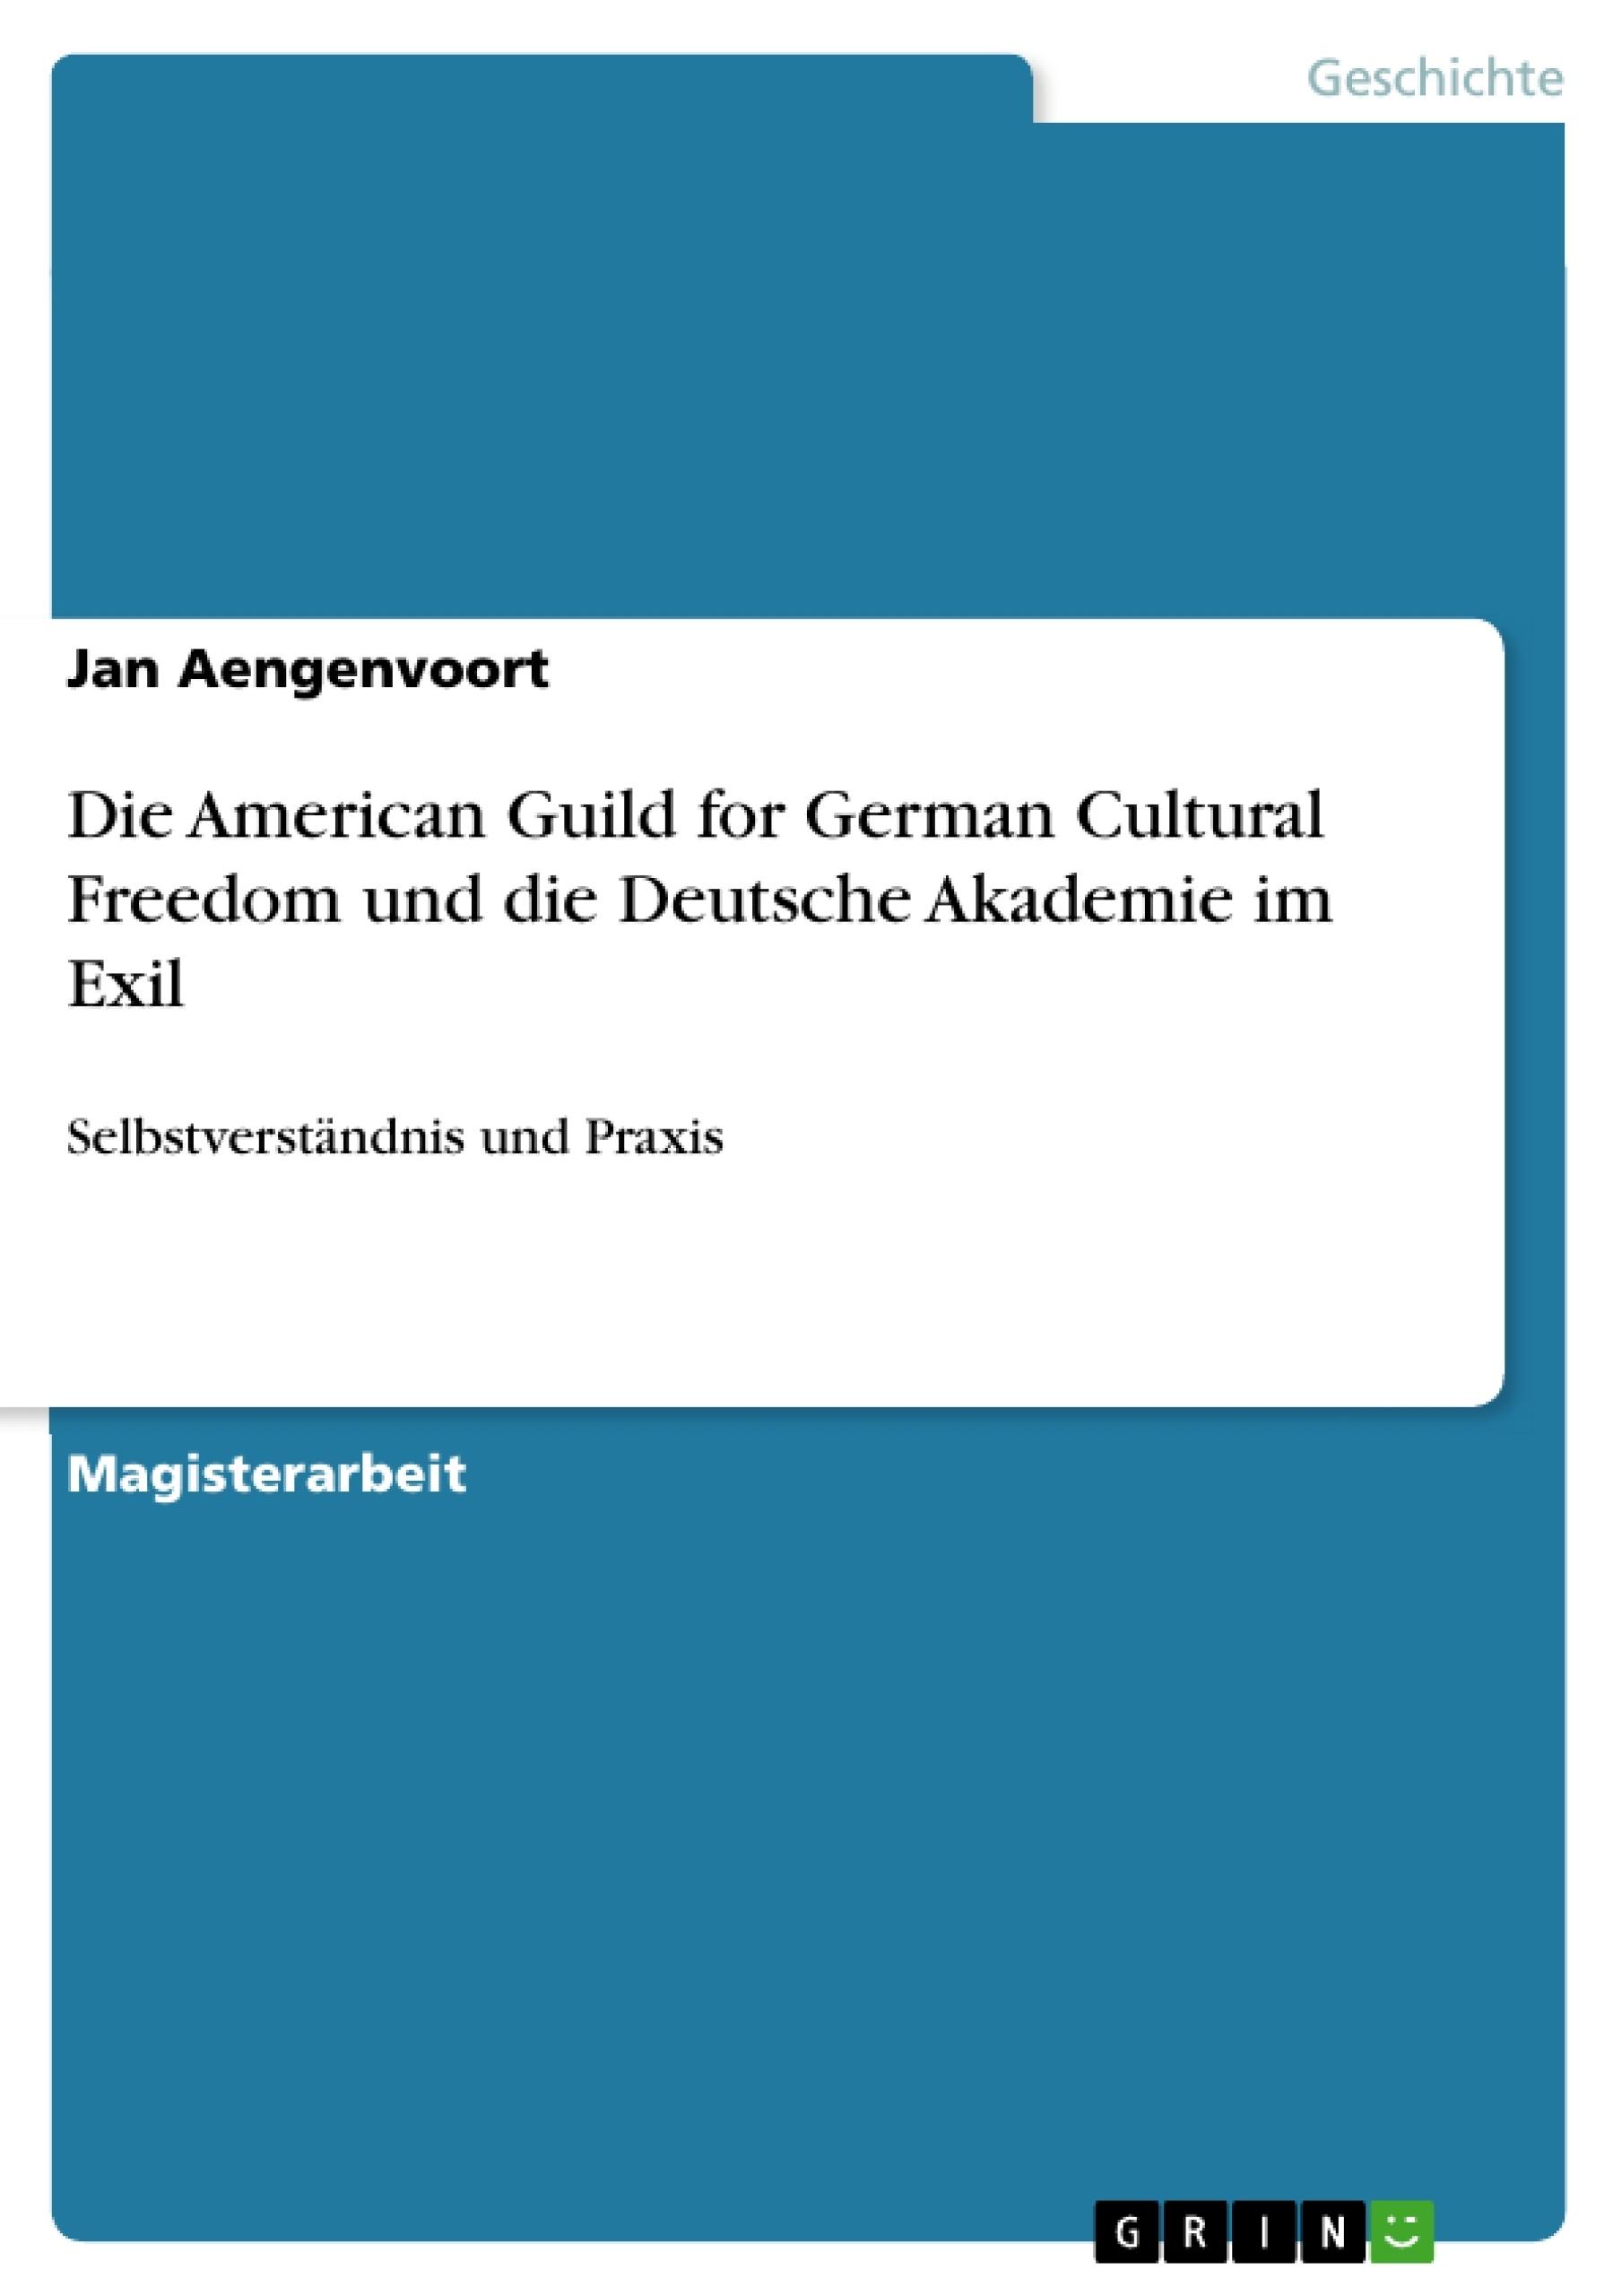 Titel: Die American Guild for German Cultural Freedom und die Deutsche Akademie im Exil